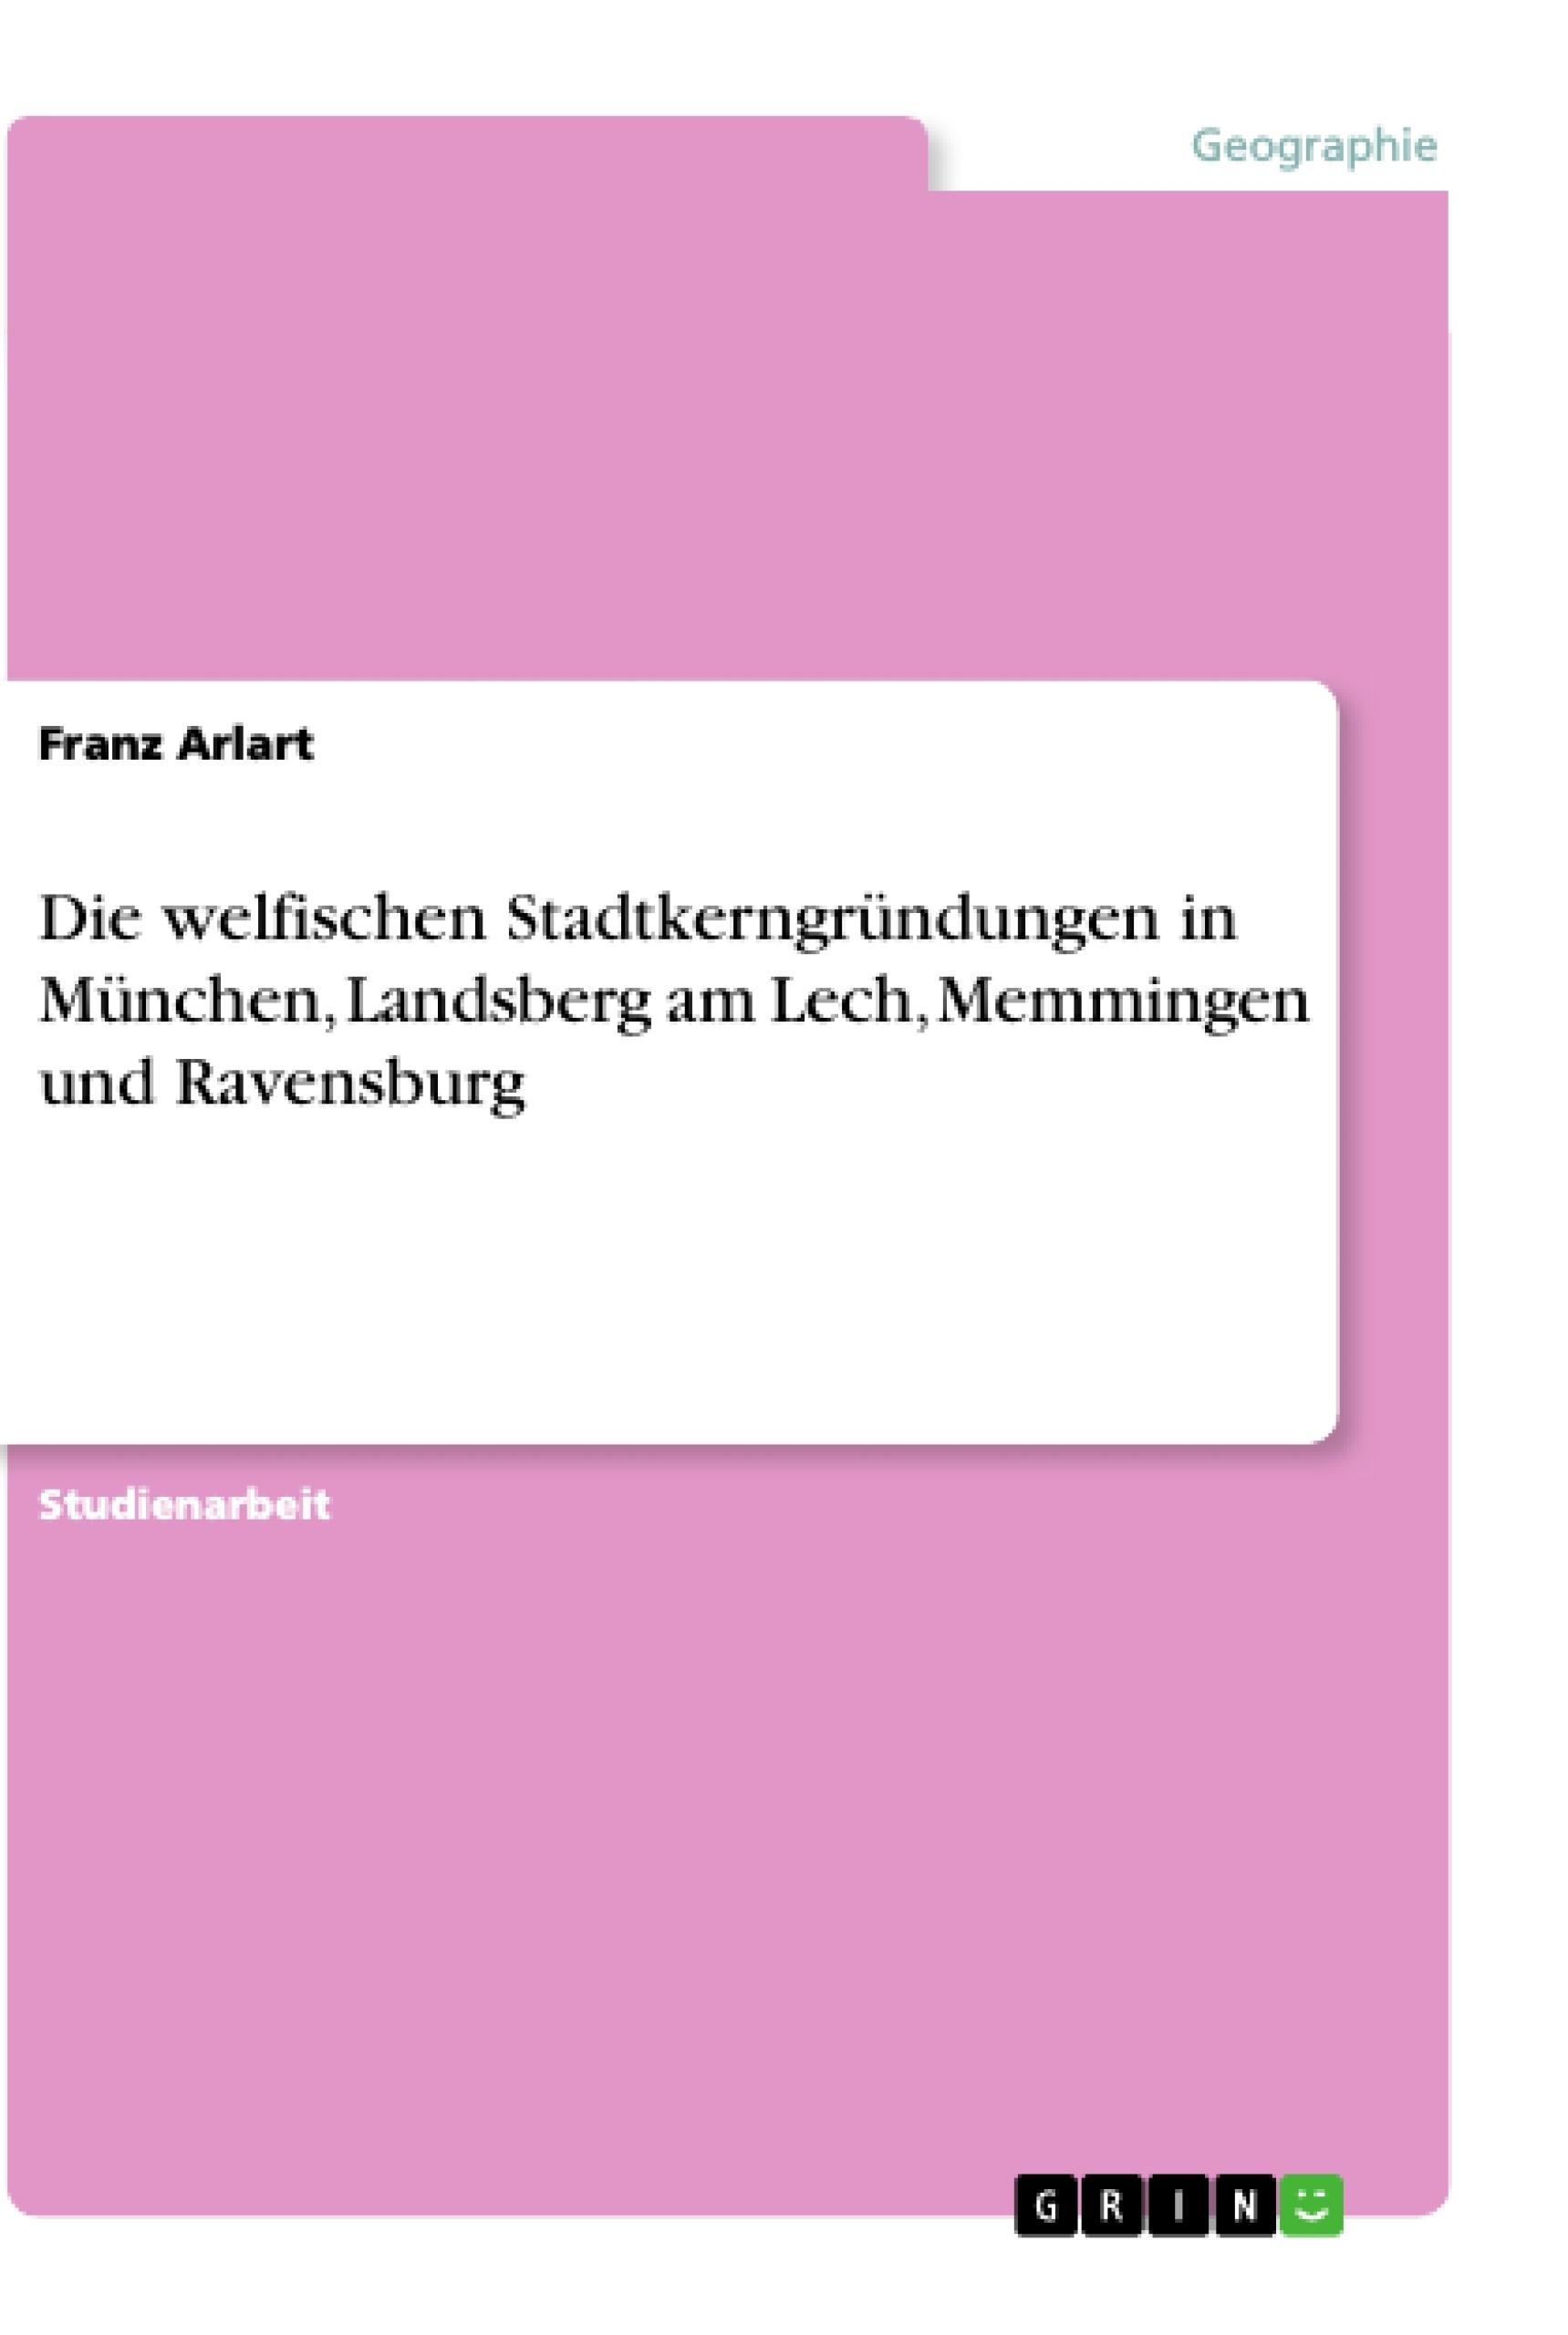 Titel: Die welfischen Stadtkerngründungen in München, Landsberg am Lech, Memmingen und Ravensburg